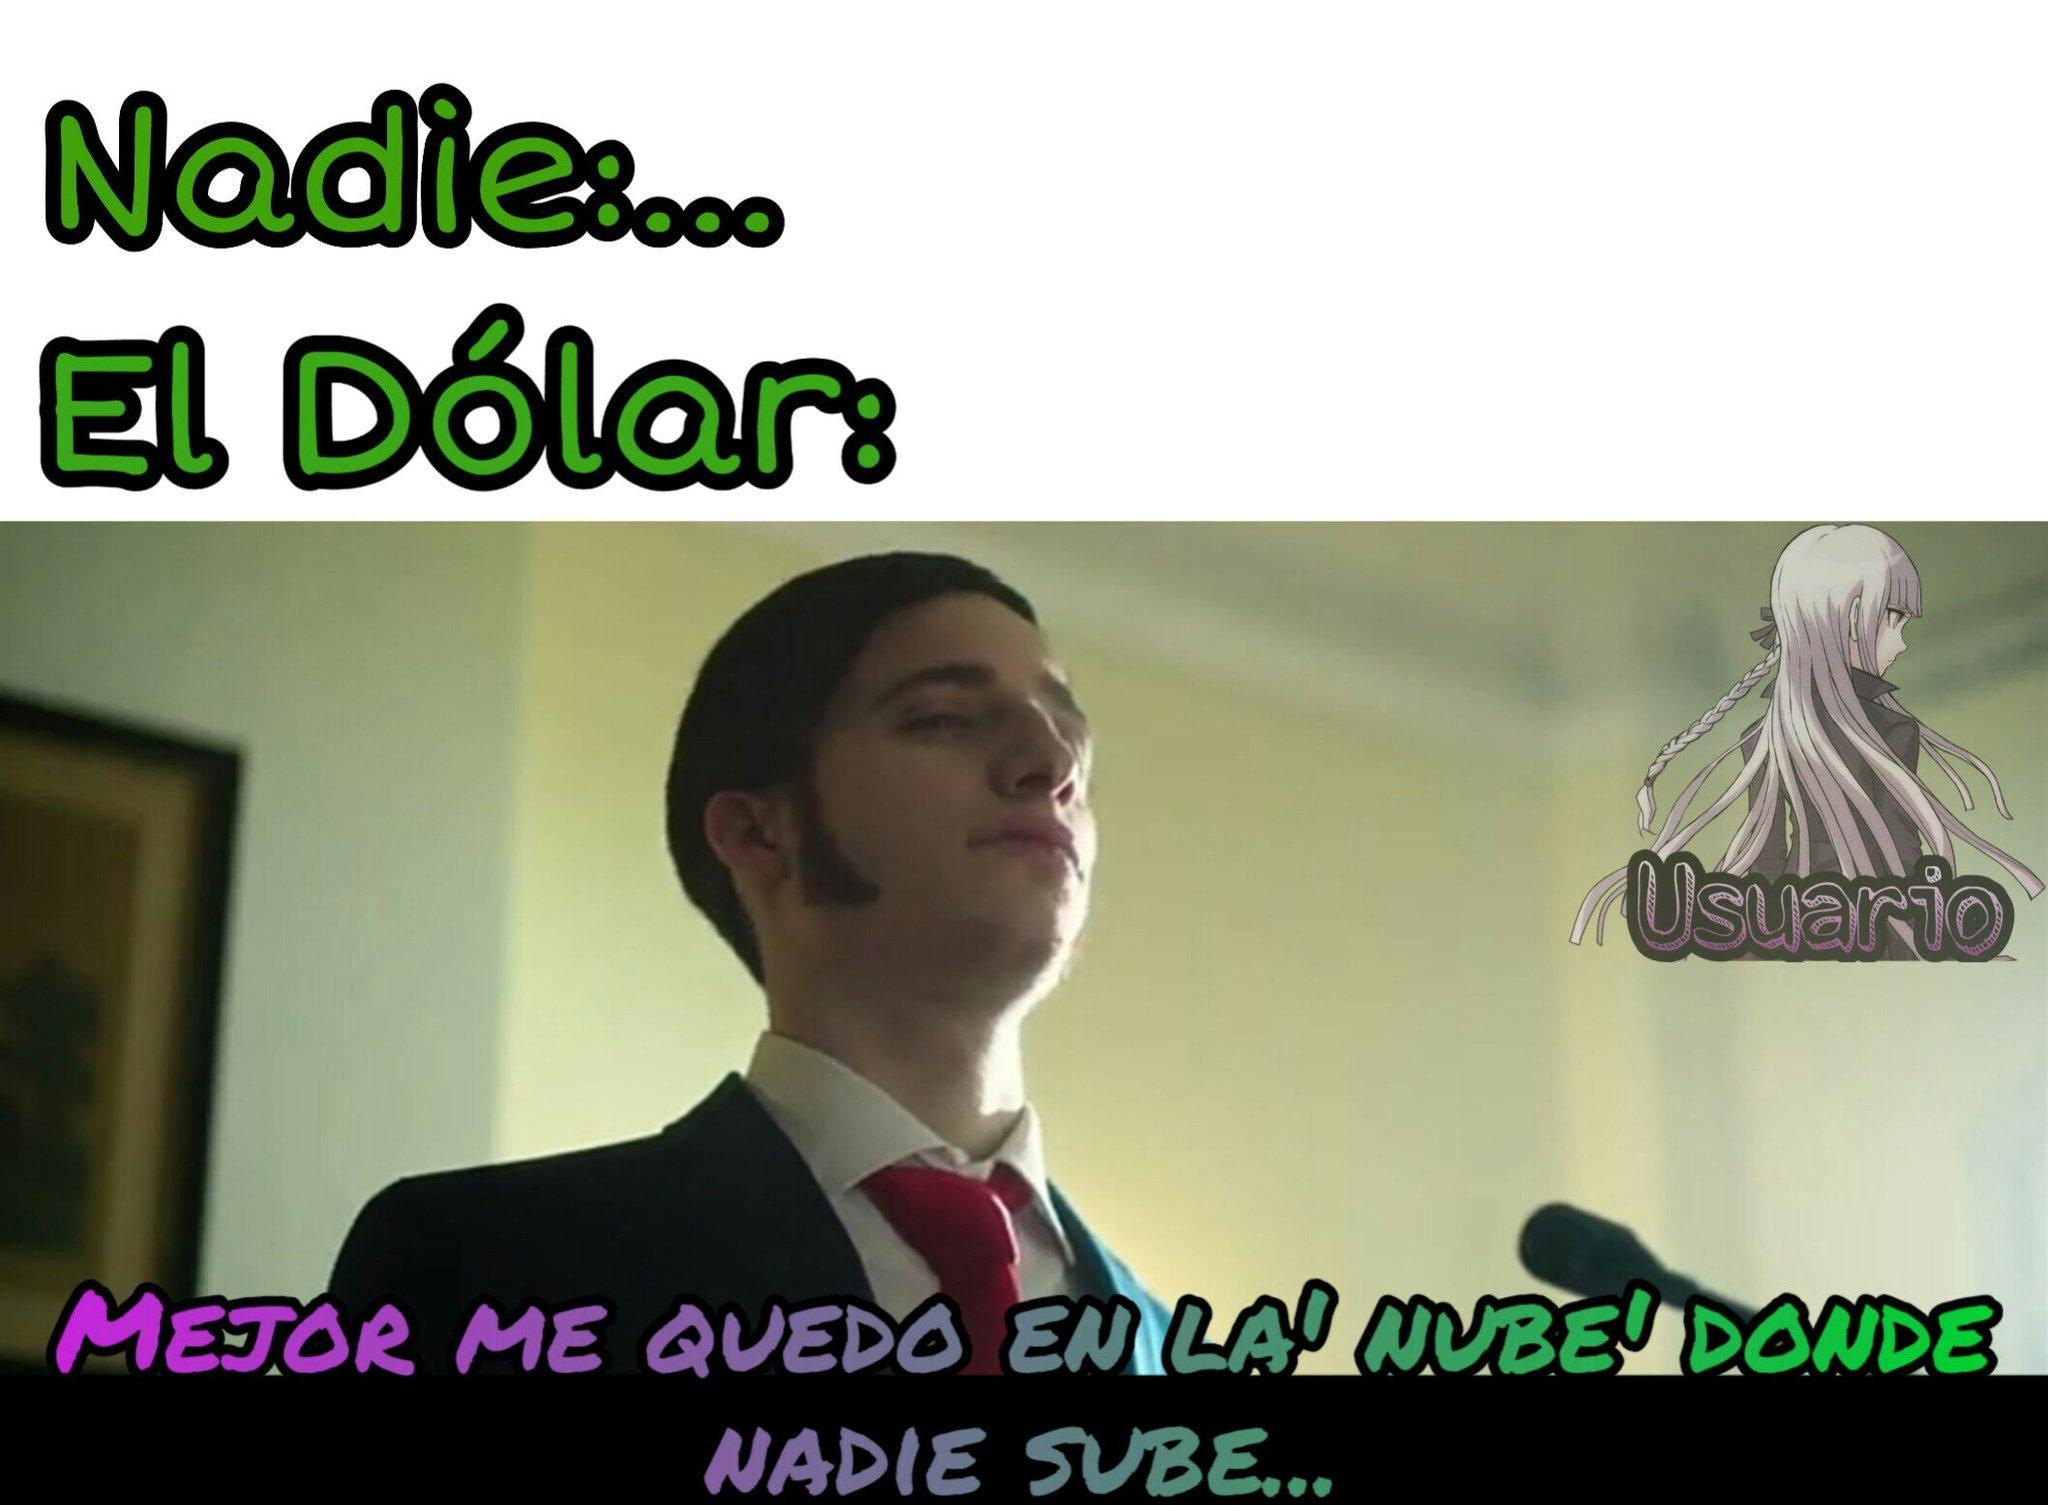 Sube sube, hasta las nubes dijo el dólar... - meme